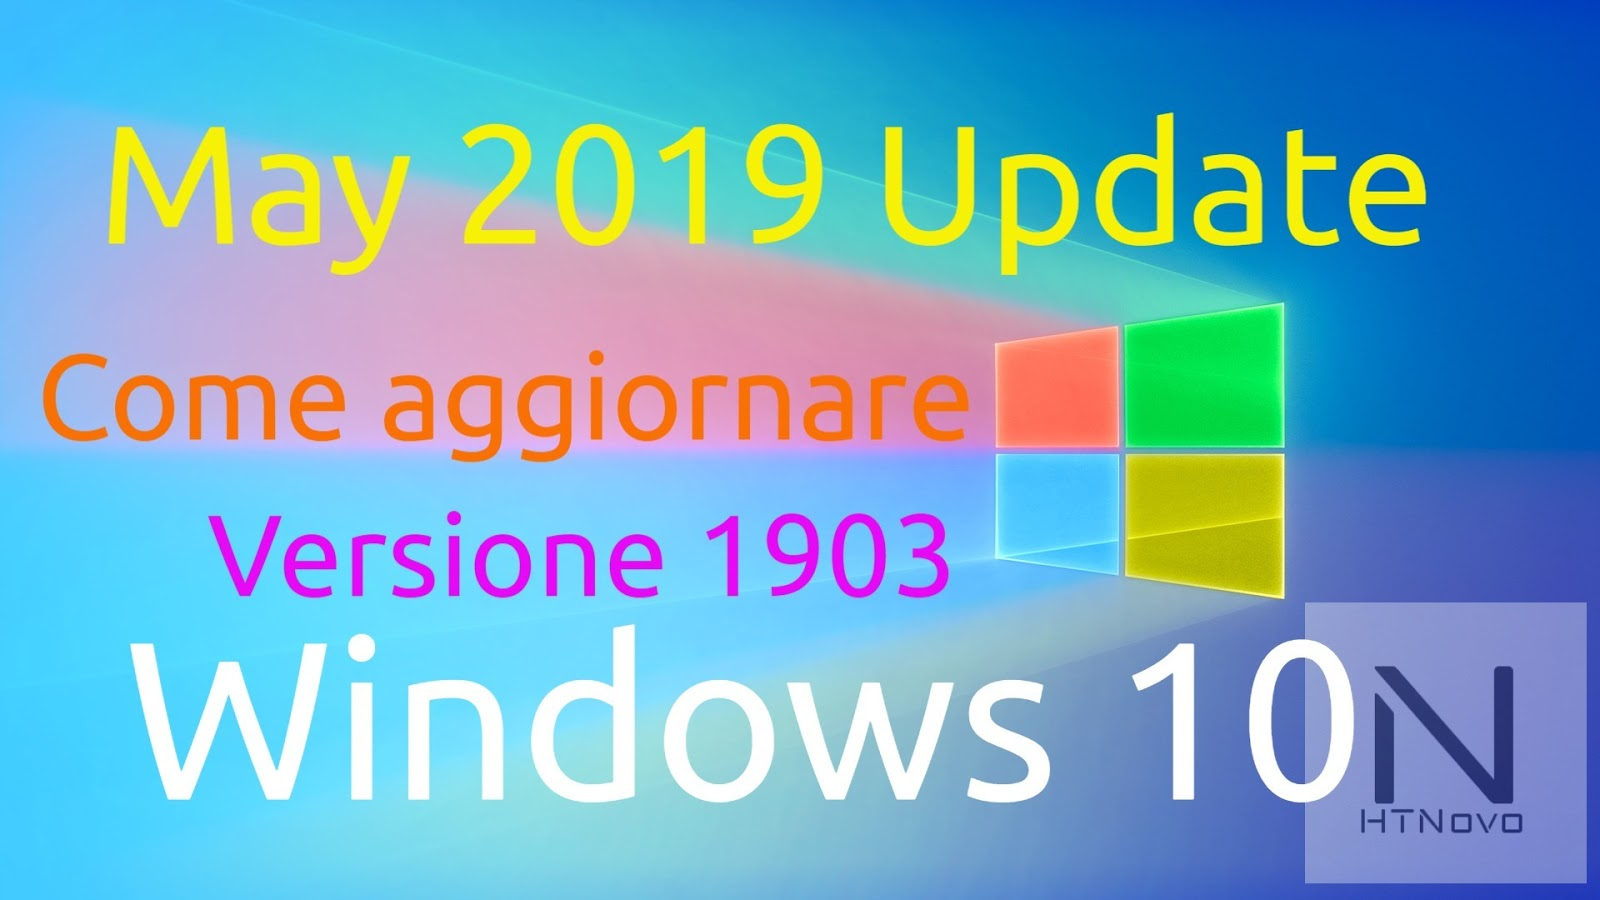 Come-aggiornare-windows-10-versione-1903-may-2019-update